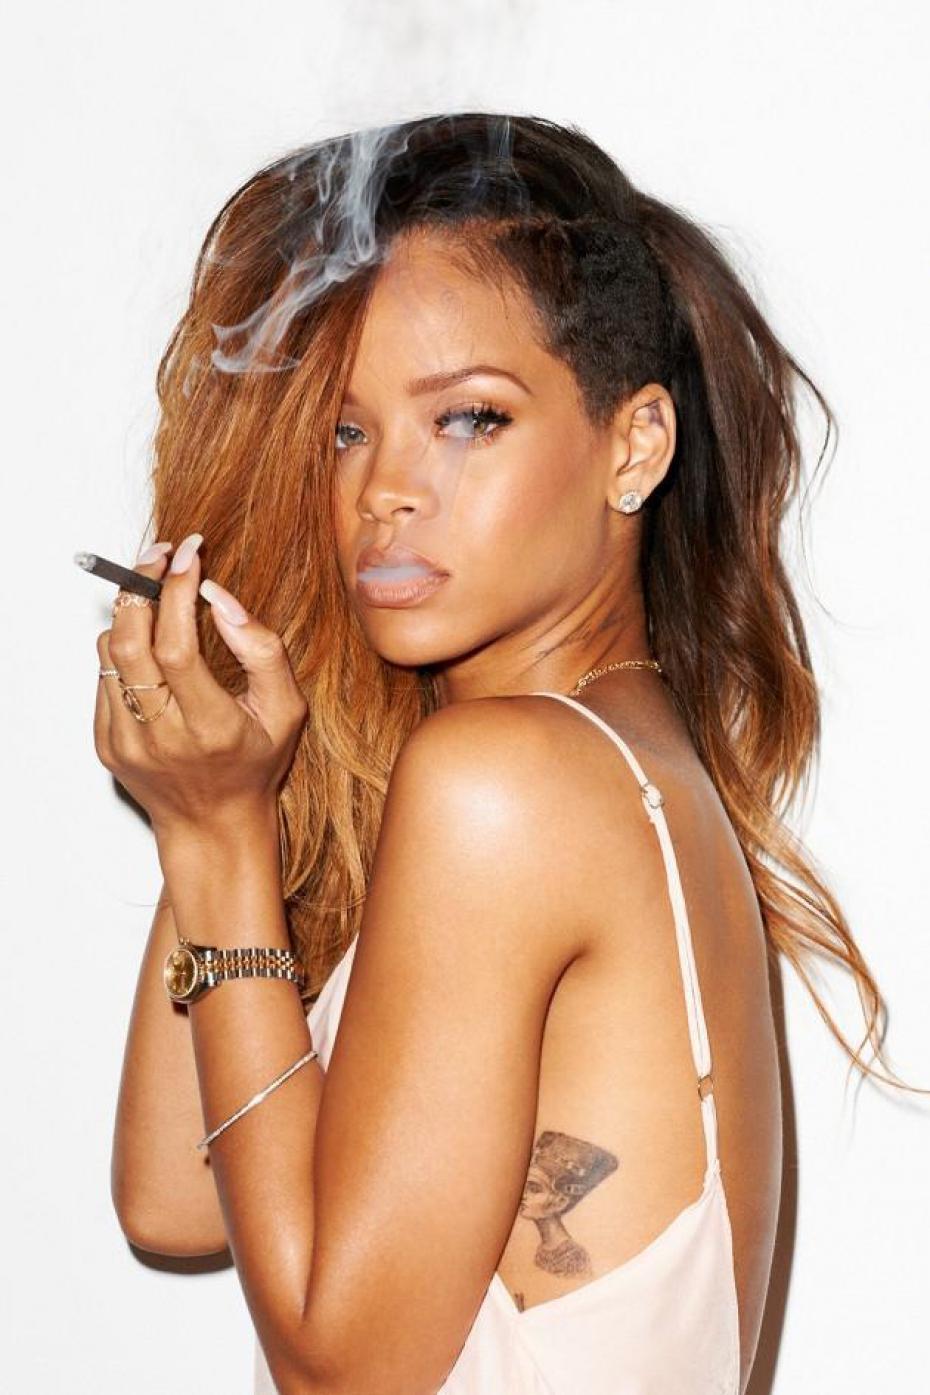 Cuales Son Los Tatuajes De Rihanna los tattoos de riahanna y su significado | belagoria | la